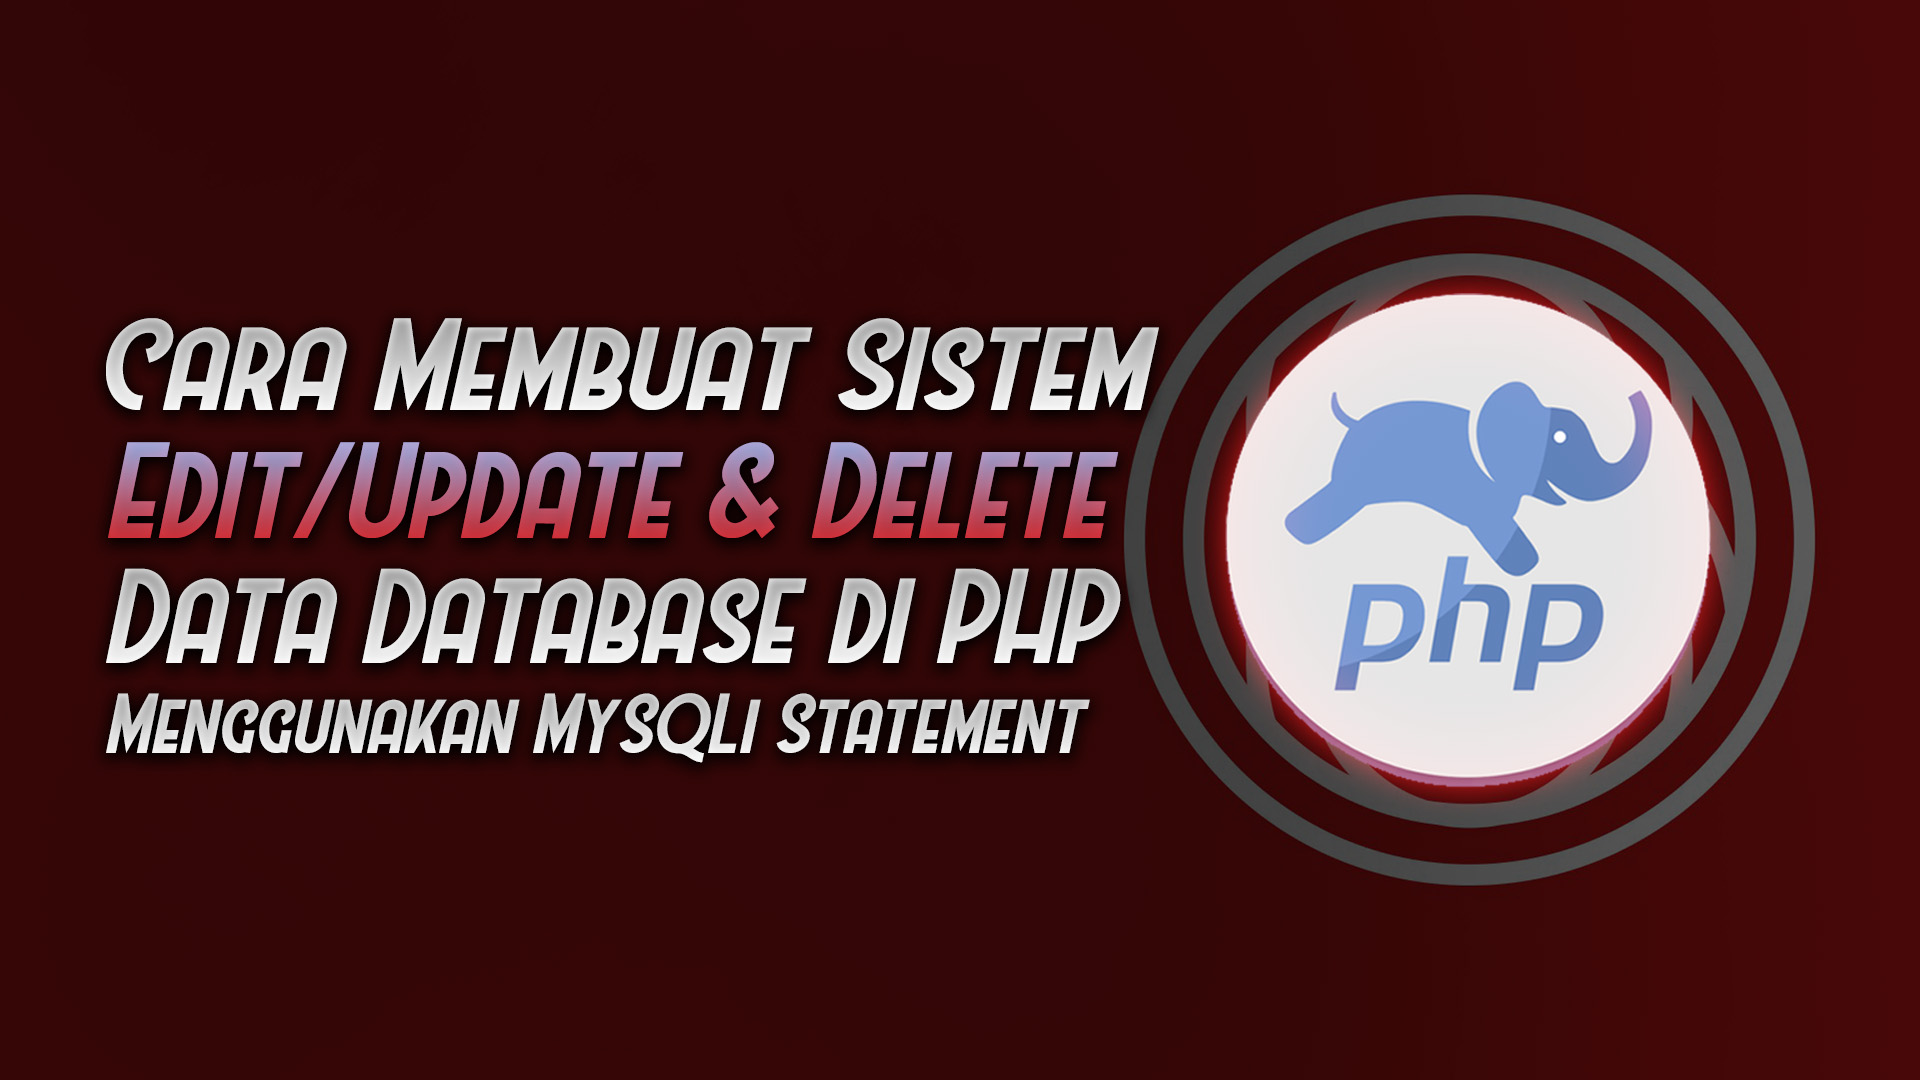 Membuat Sistem Edit / Update & Delete Data Database di PHP (MySQLi Statement)